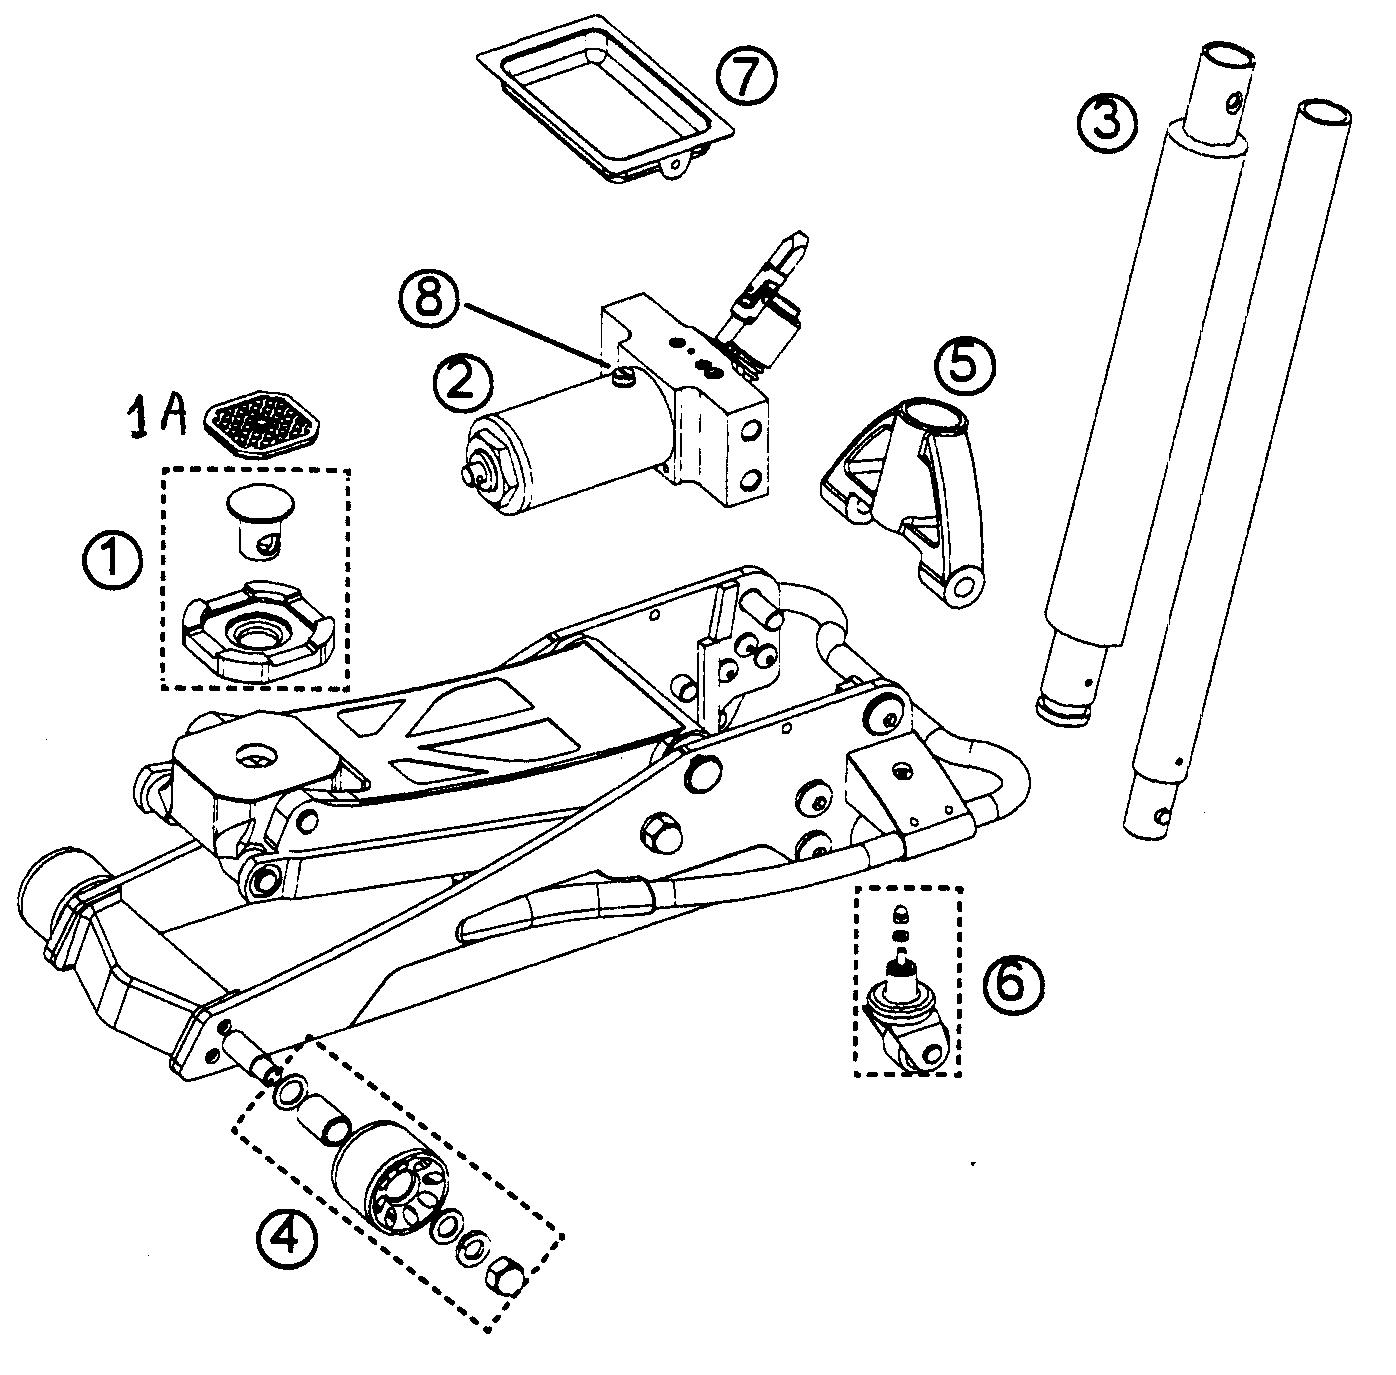 Walker hydraulic jack repair manual